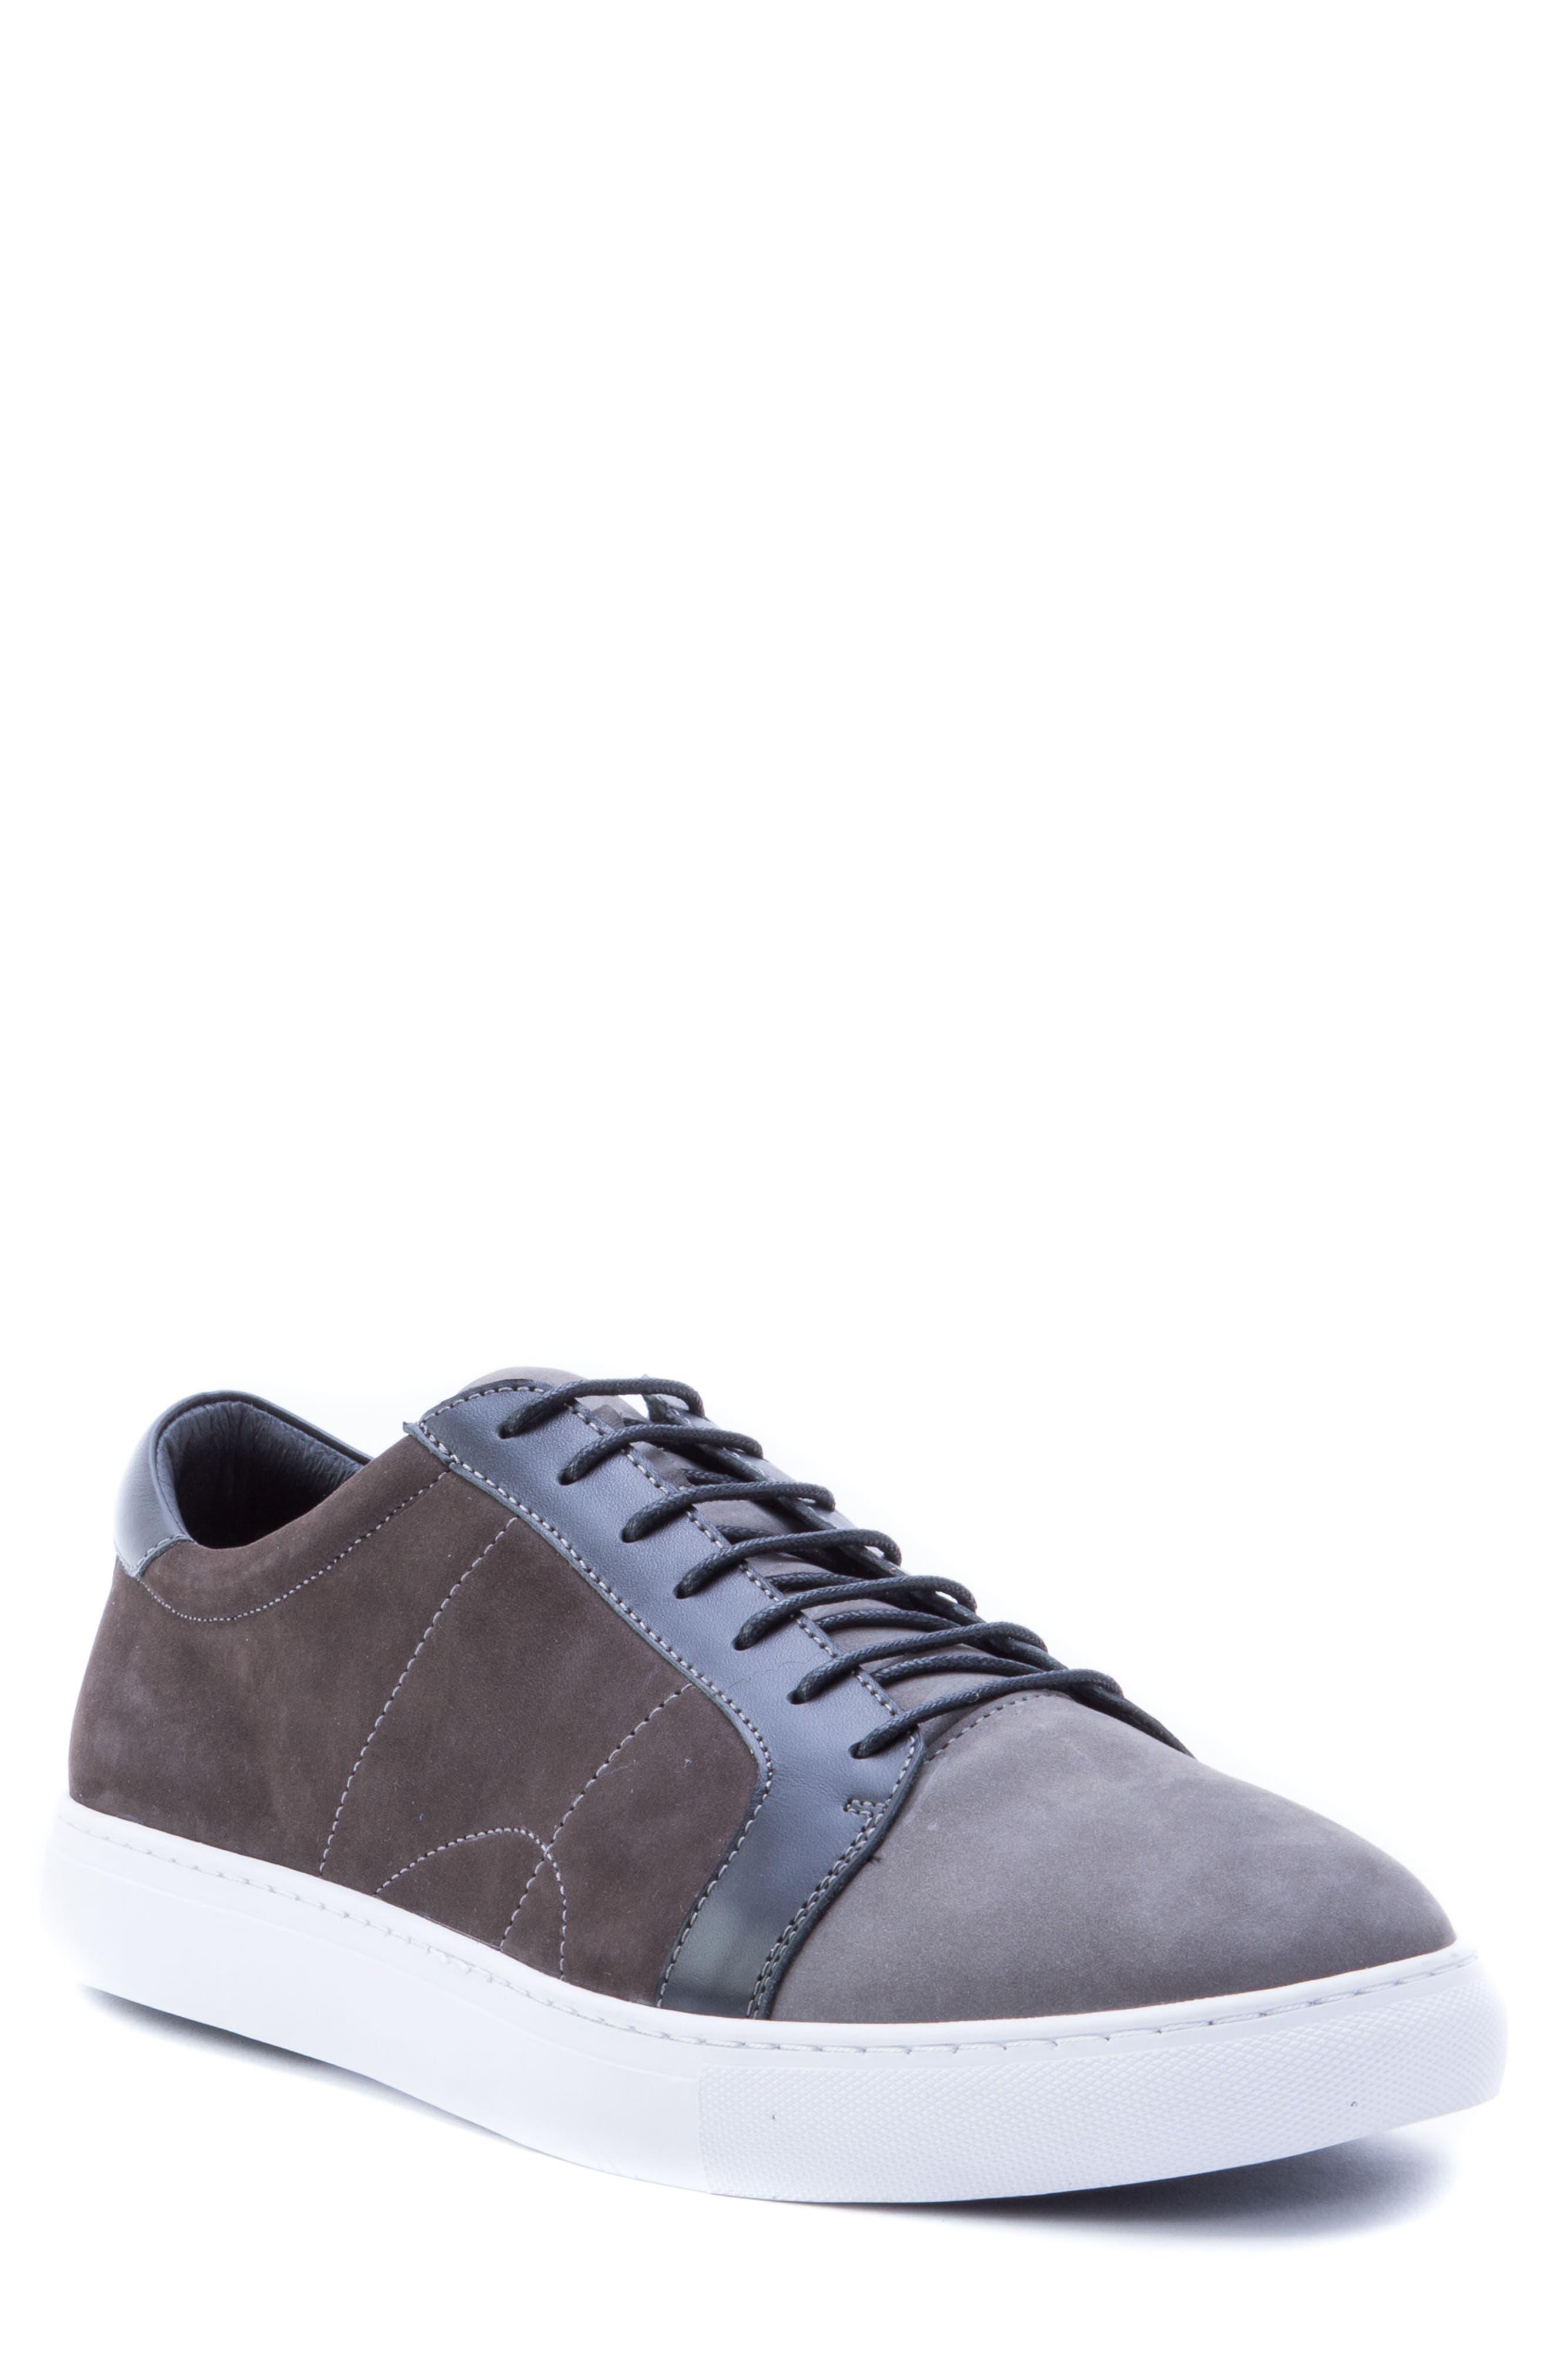 ROBERT GRAHAM Gonzalo Low Top Sneaker, Main, color, GREY SUEDE